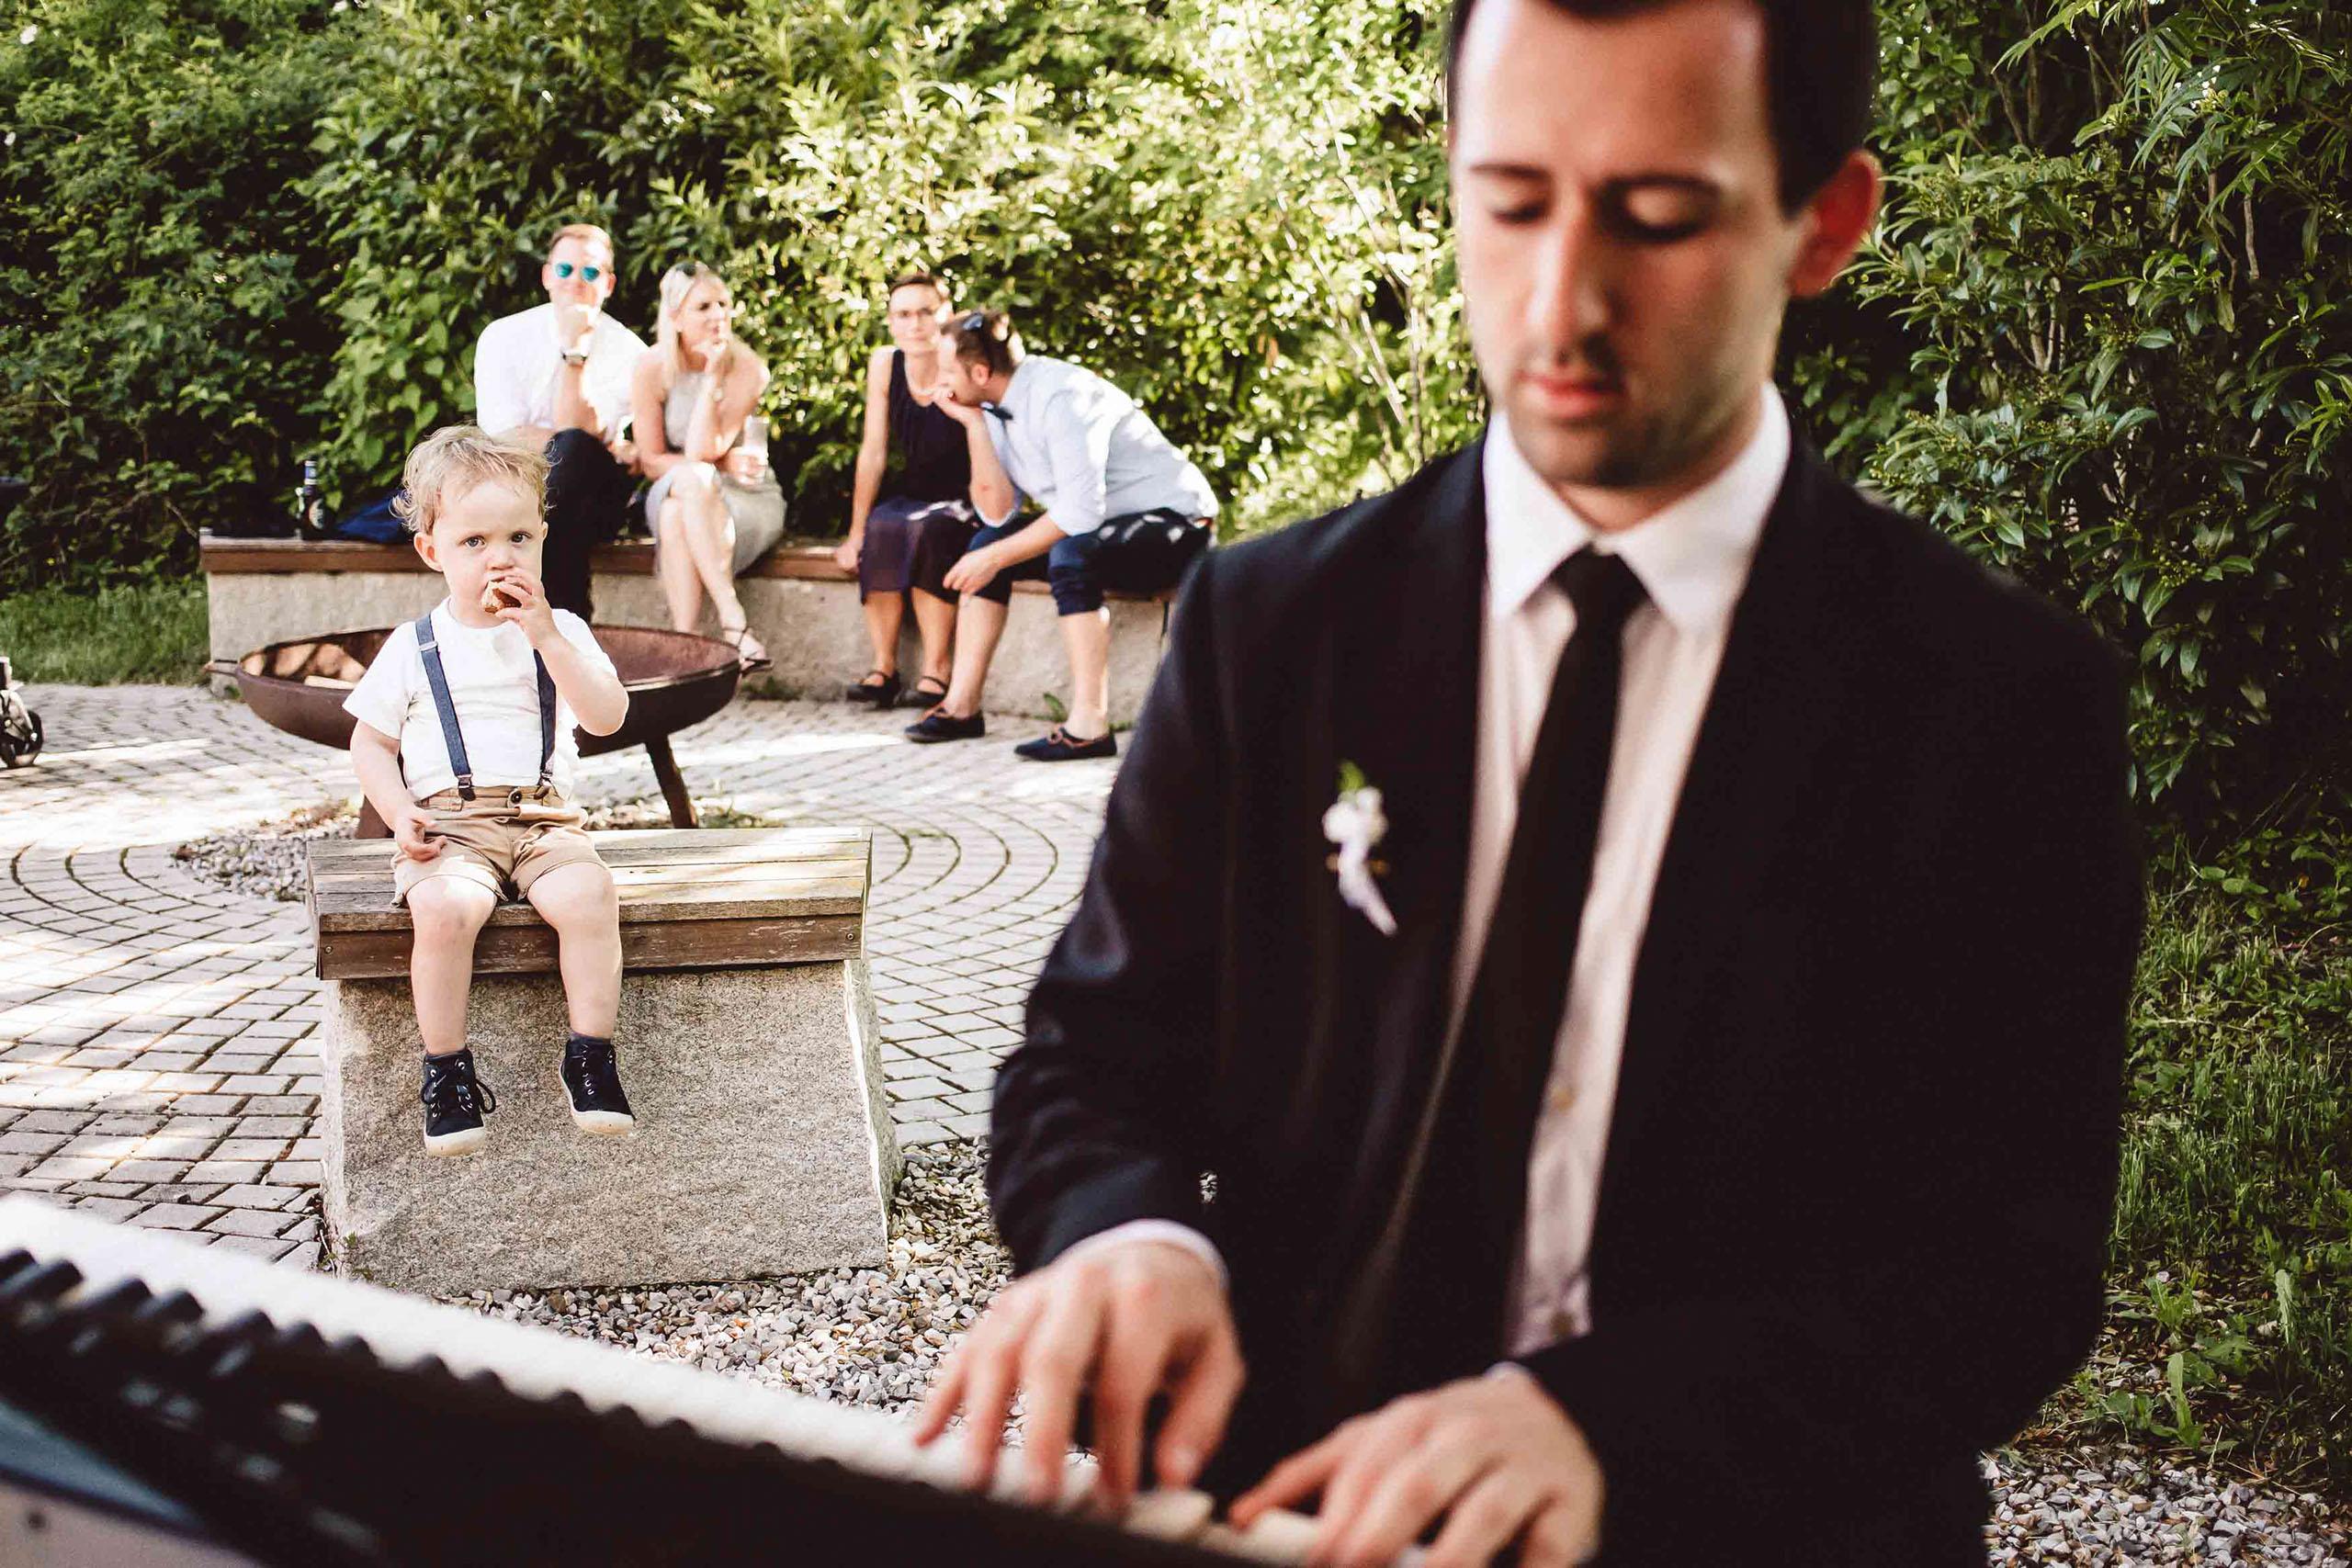 Hochzeitsband, Bolandi Trio, Live auf einer Hochzeit 2018 in München, Bayern